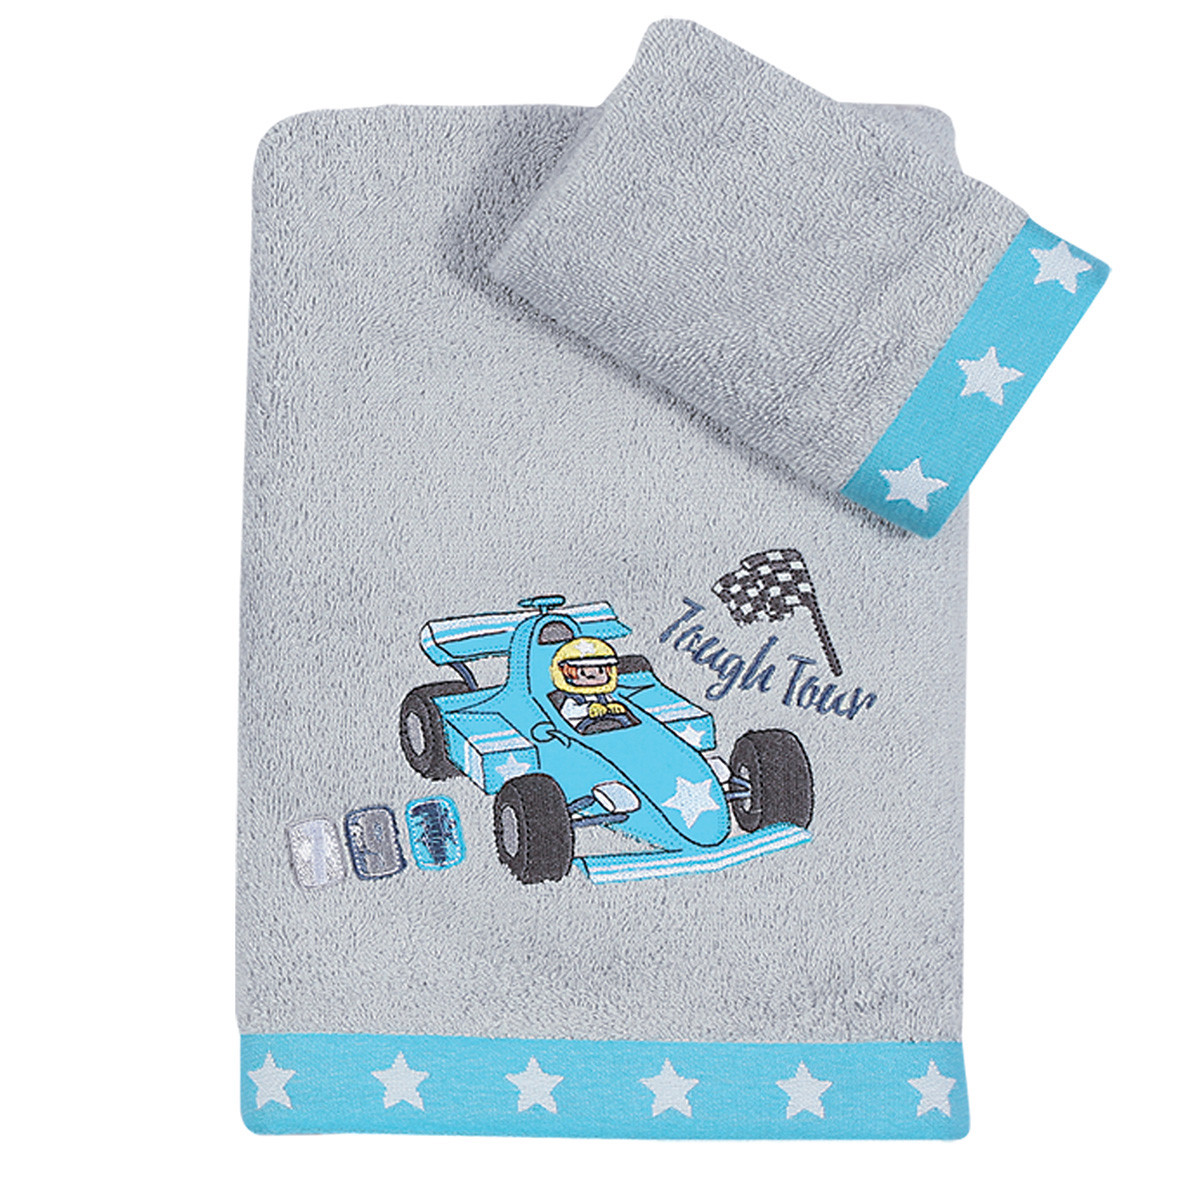 Παιδικές Πετσέτες (Σετ 2τμχ) Nef-Nef Junior Racing Cars home   παιδικά   πετσέτες παιδικές